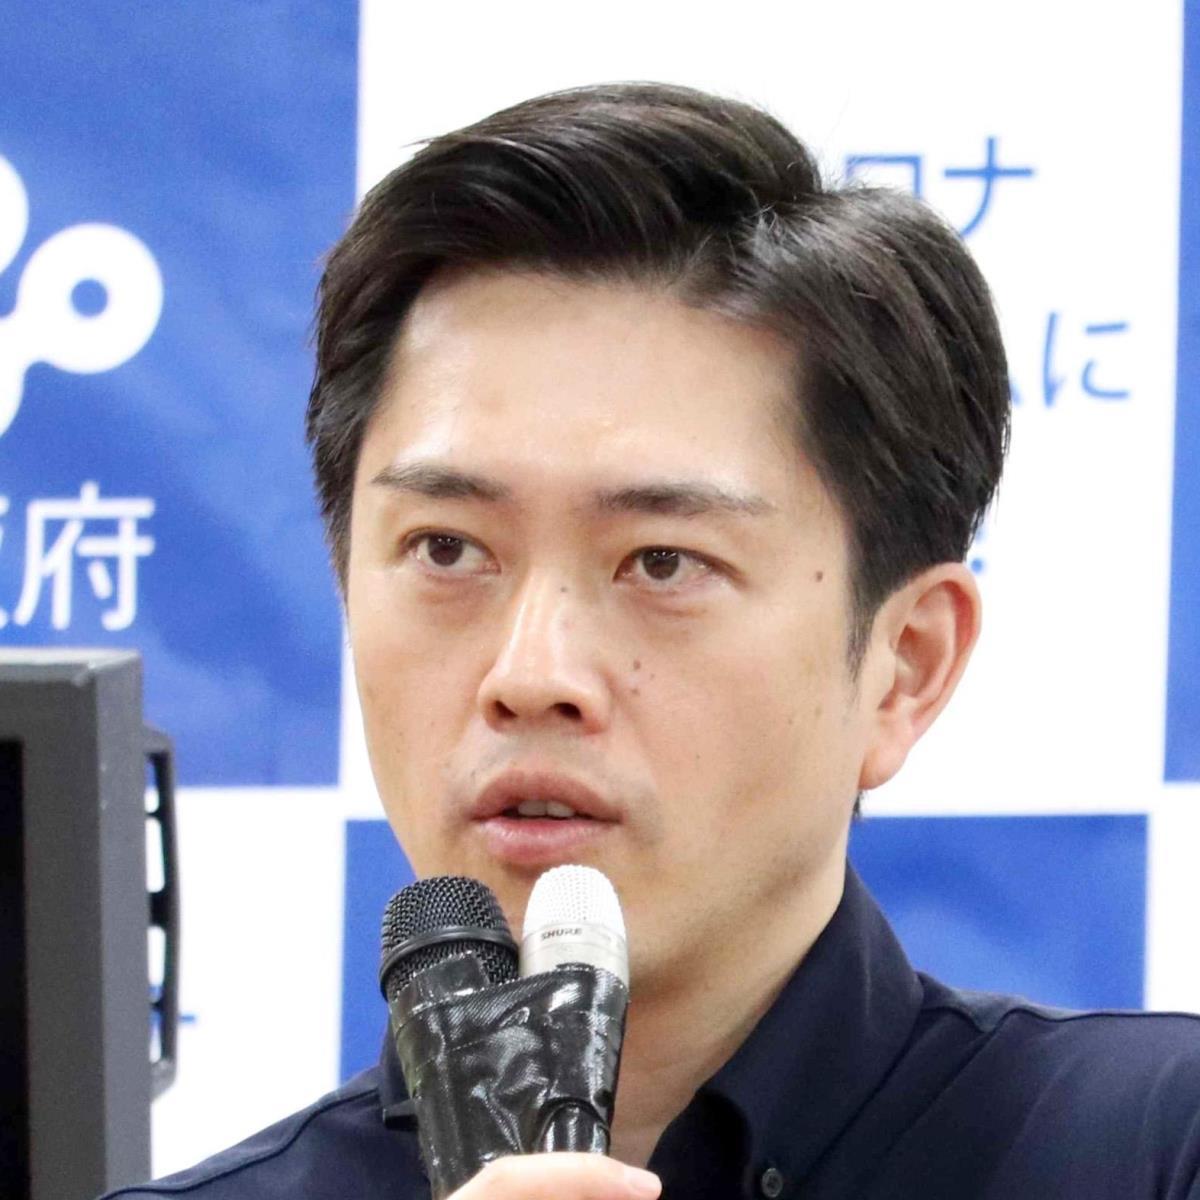 吉村 知事 家族 大阪